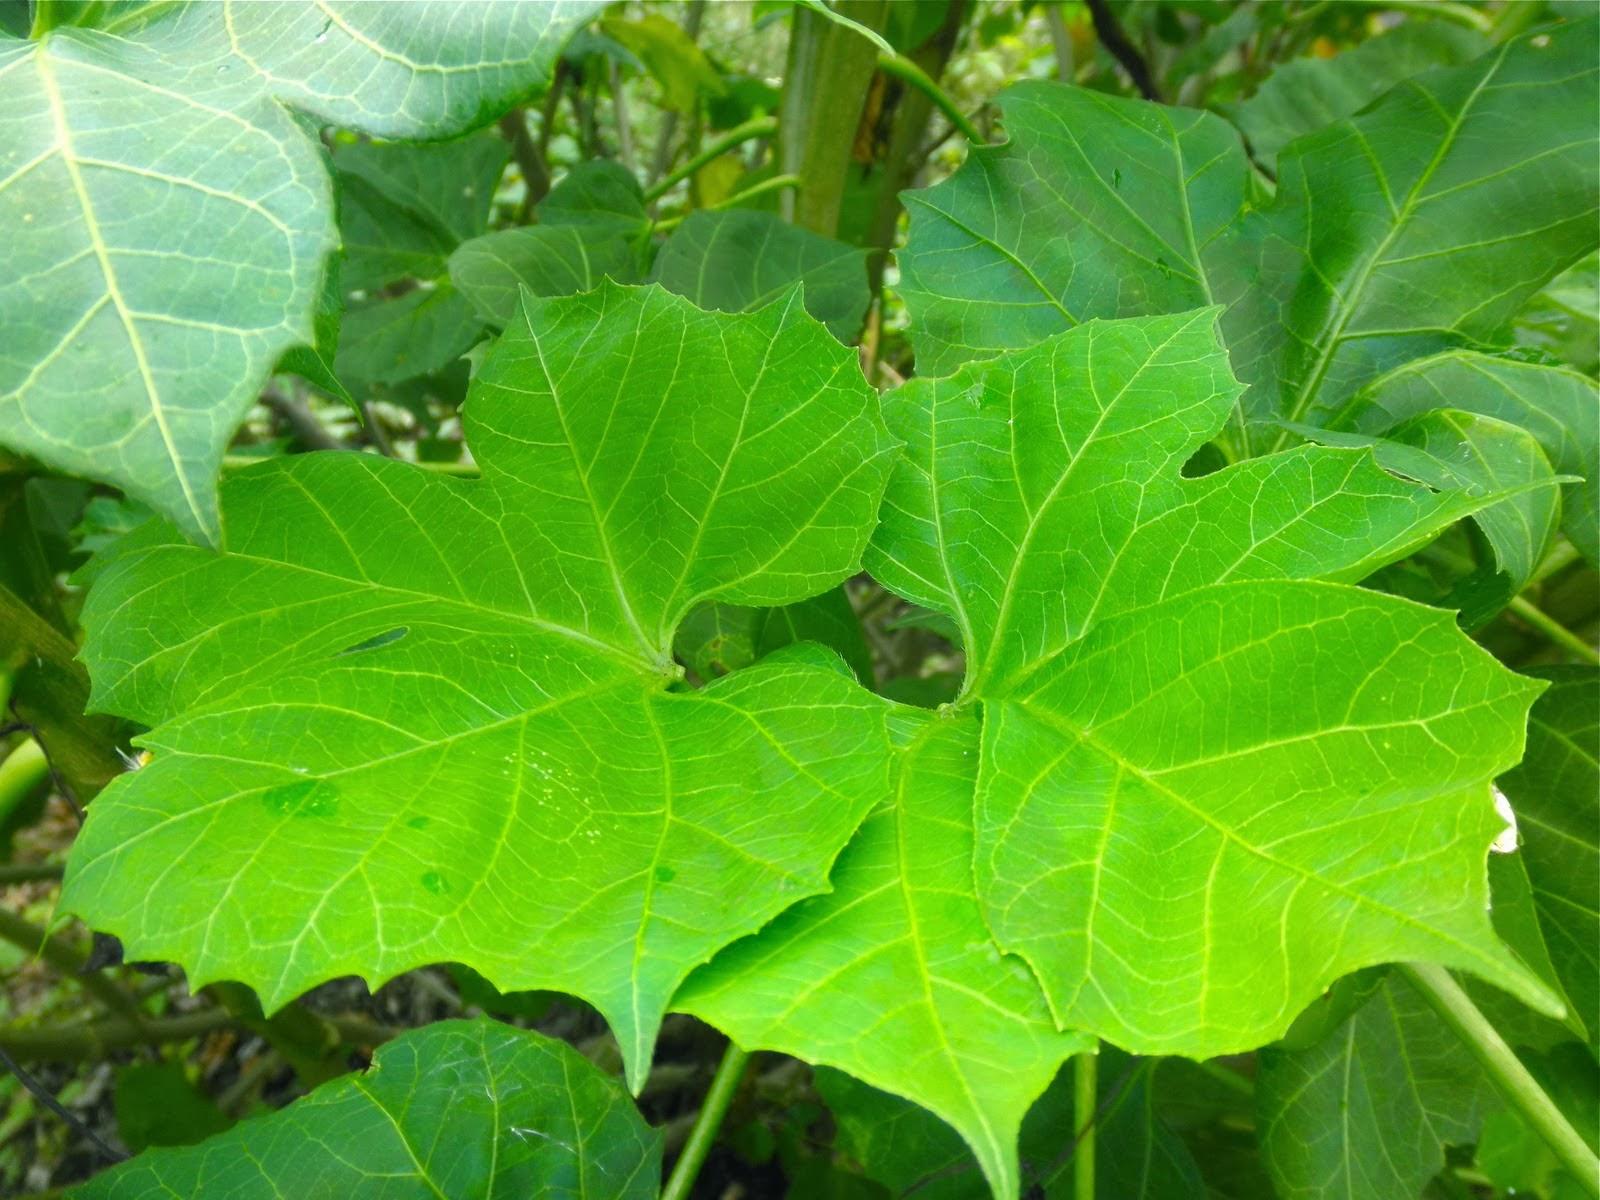 La chaya, una planta con amplios beneficios nutricionales